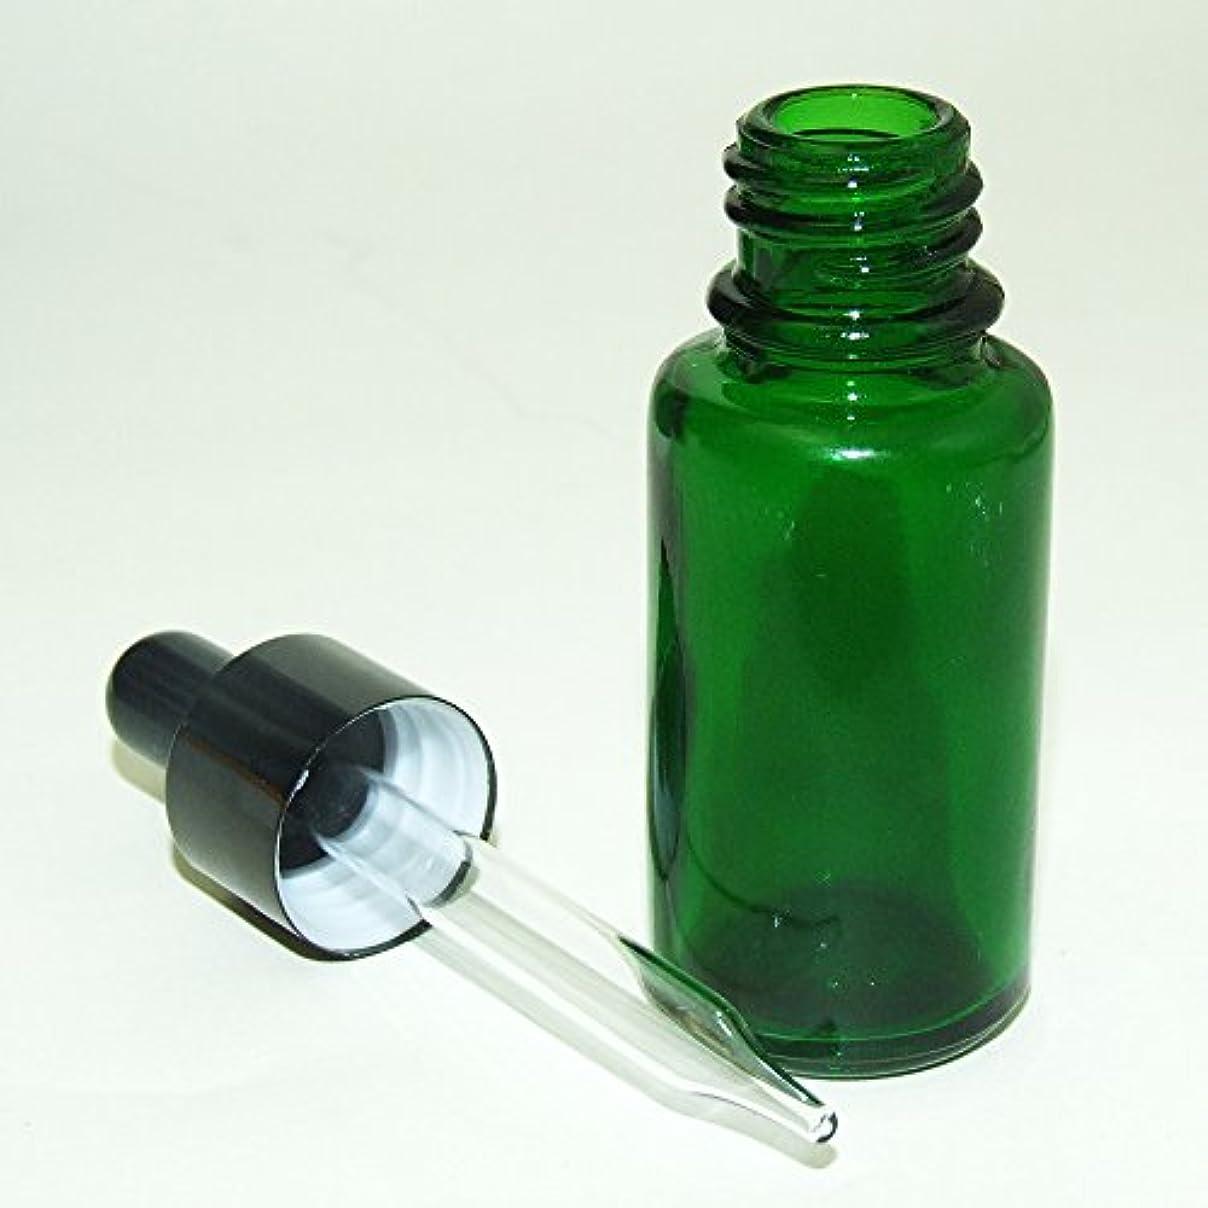 ある引き受ける球体ガレージ?ゼロ 遮光ガラス スポイド瓶 先細タイプ 緑 15ml(GZKP32)×10個 アロマ保存 GSE678